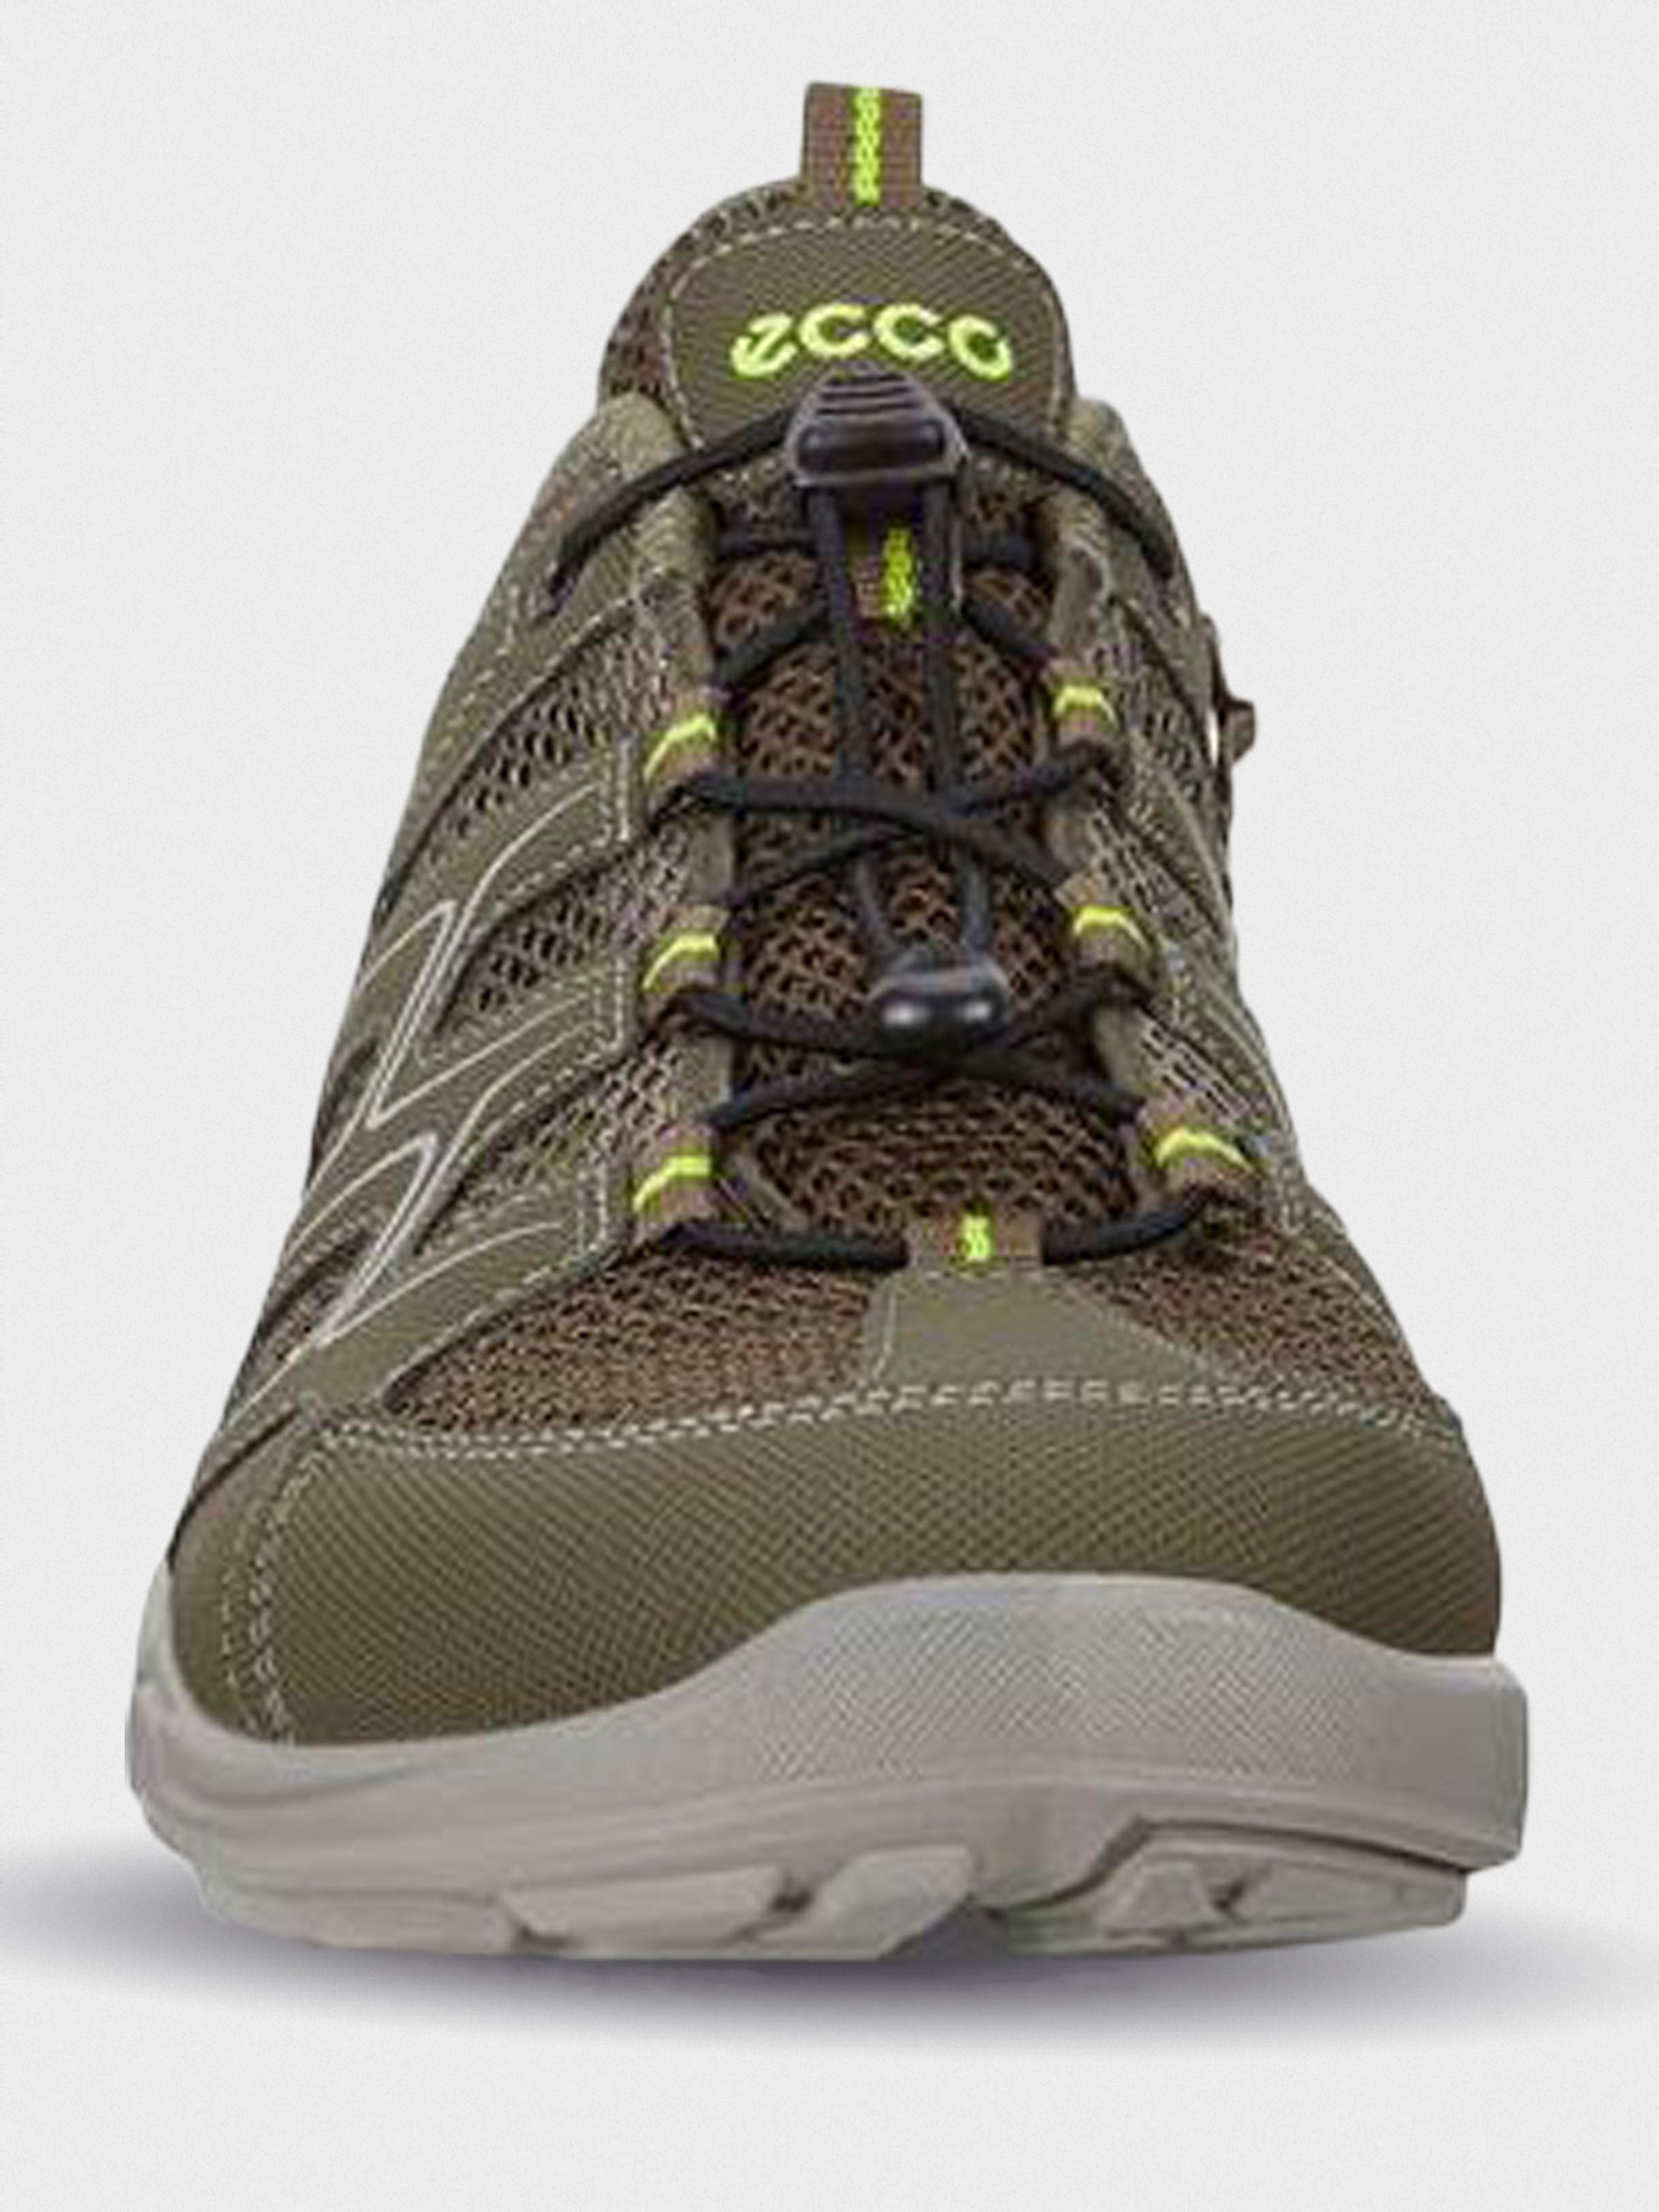 Кроссовки для мужчин ECCO TERRACRUISE LT ZM4151 фото, купить, 2017